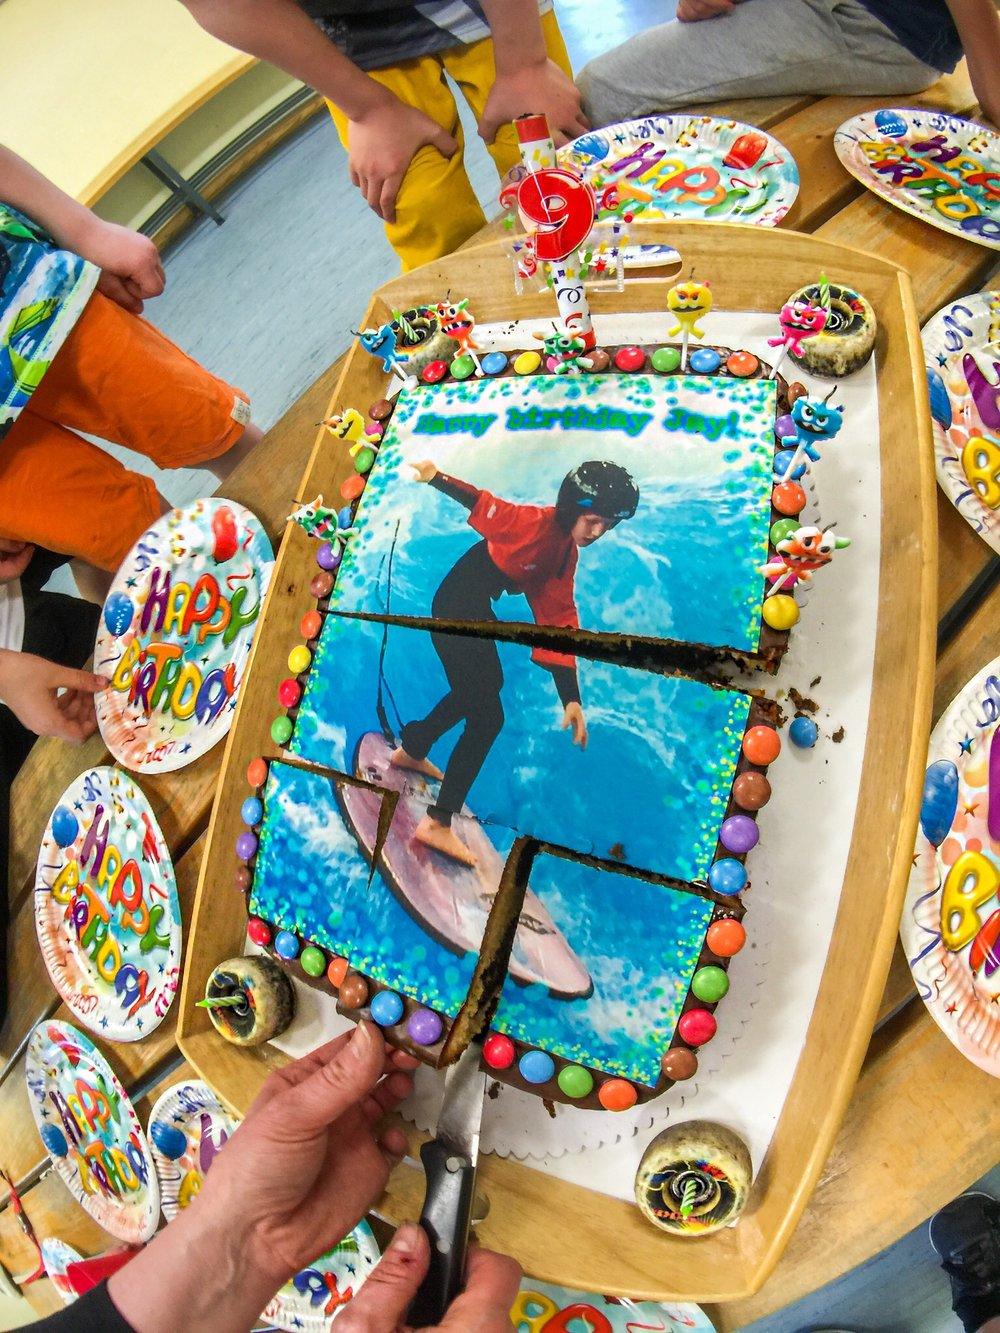 Skateboard Geburtstag Geburtstag Skatekurs Geburtstags Skateboard Kurs Geburtstagsfeier Kuchen.JPG